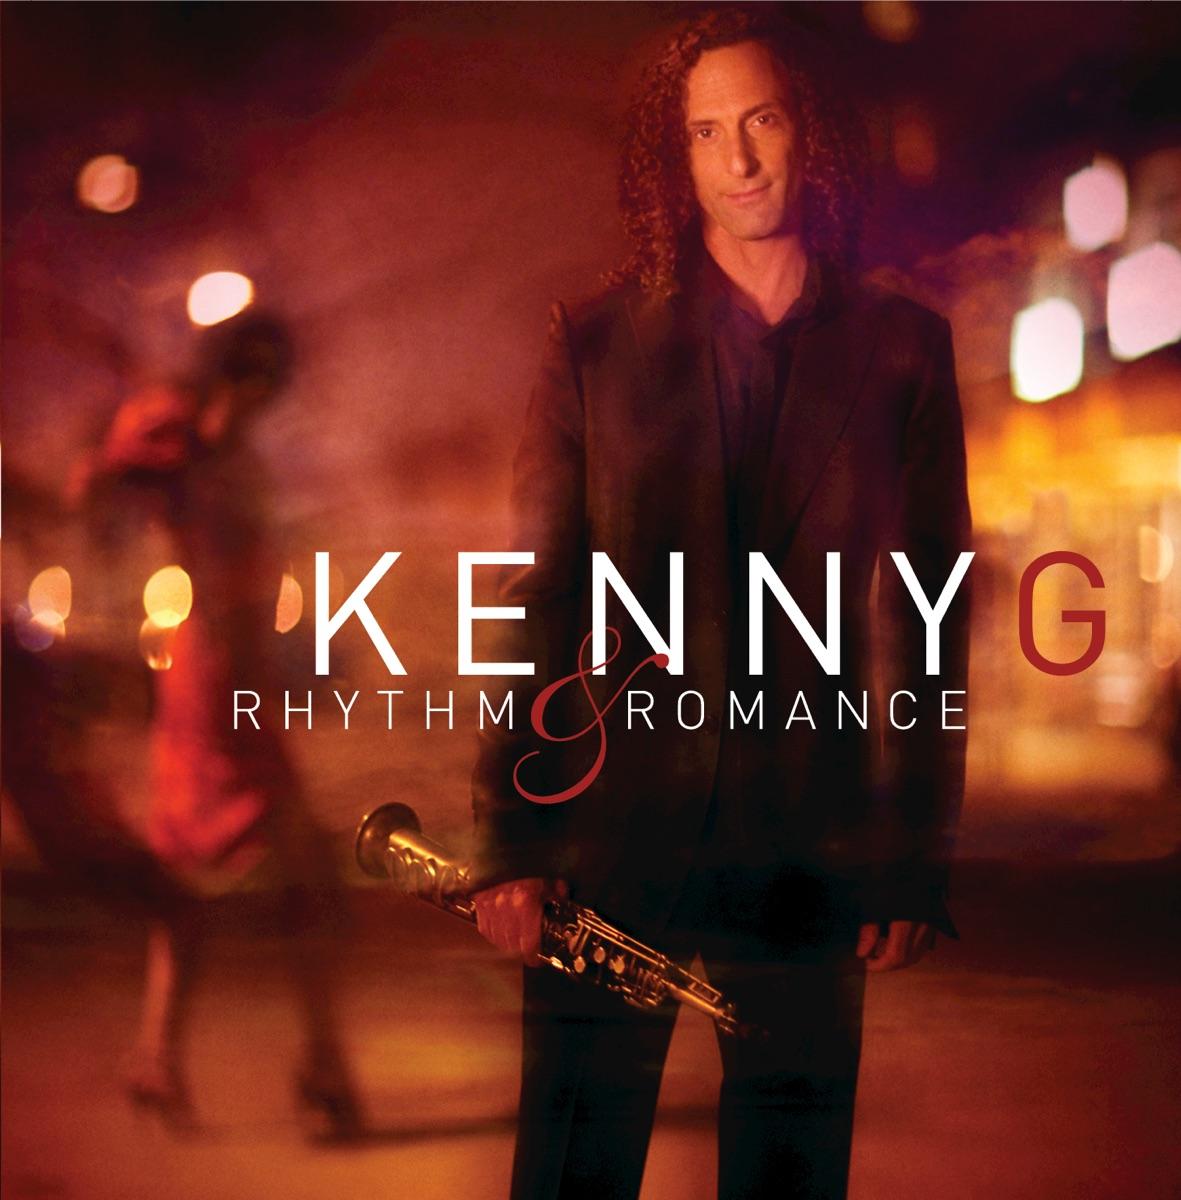 Rhythm & Romance Album Cover by Kenny G